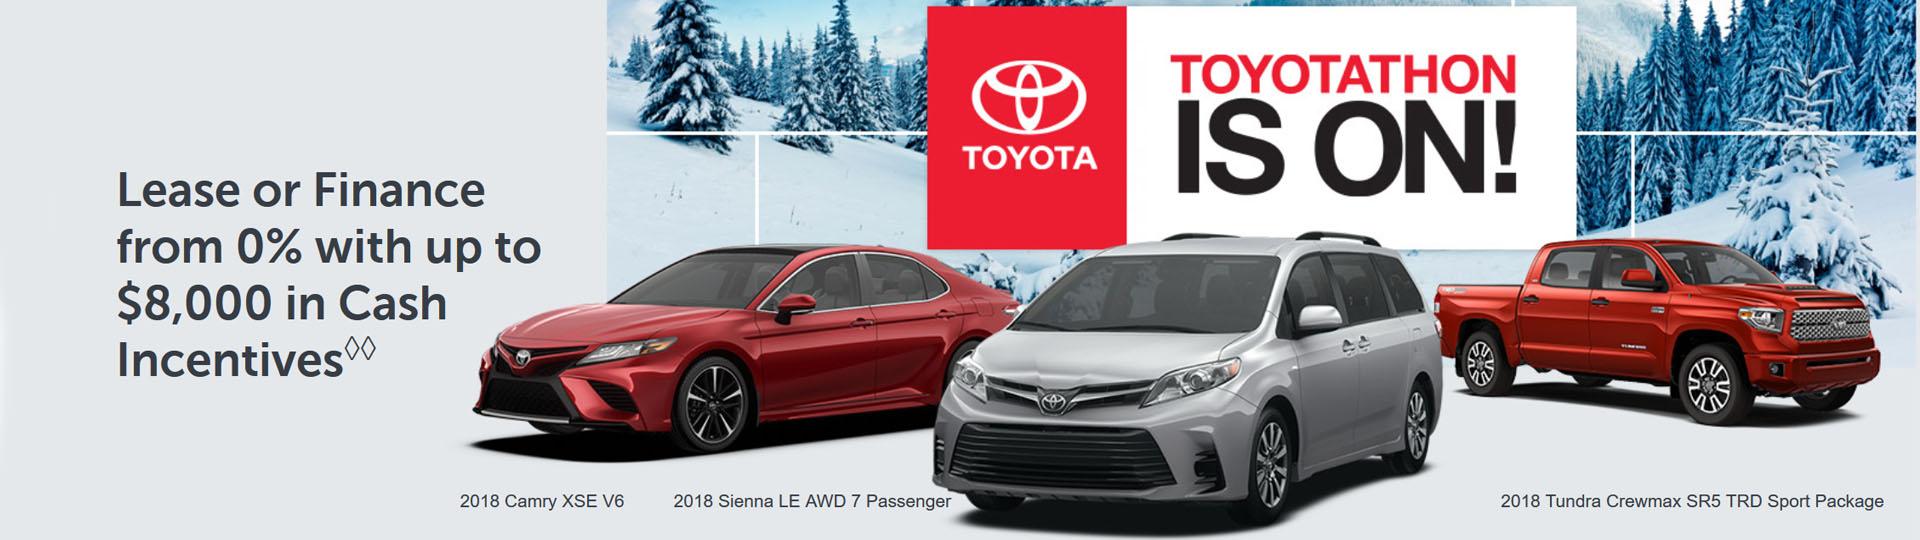 Toyotathon Is On